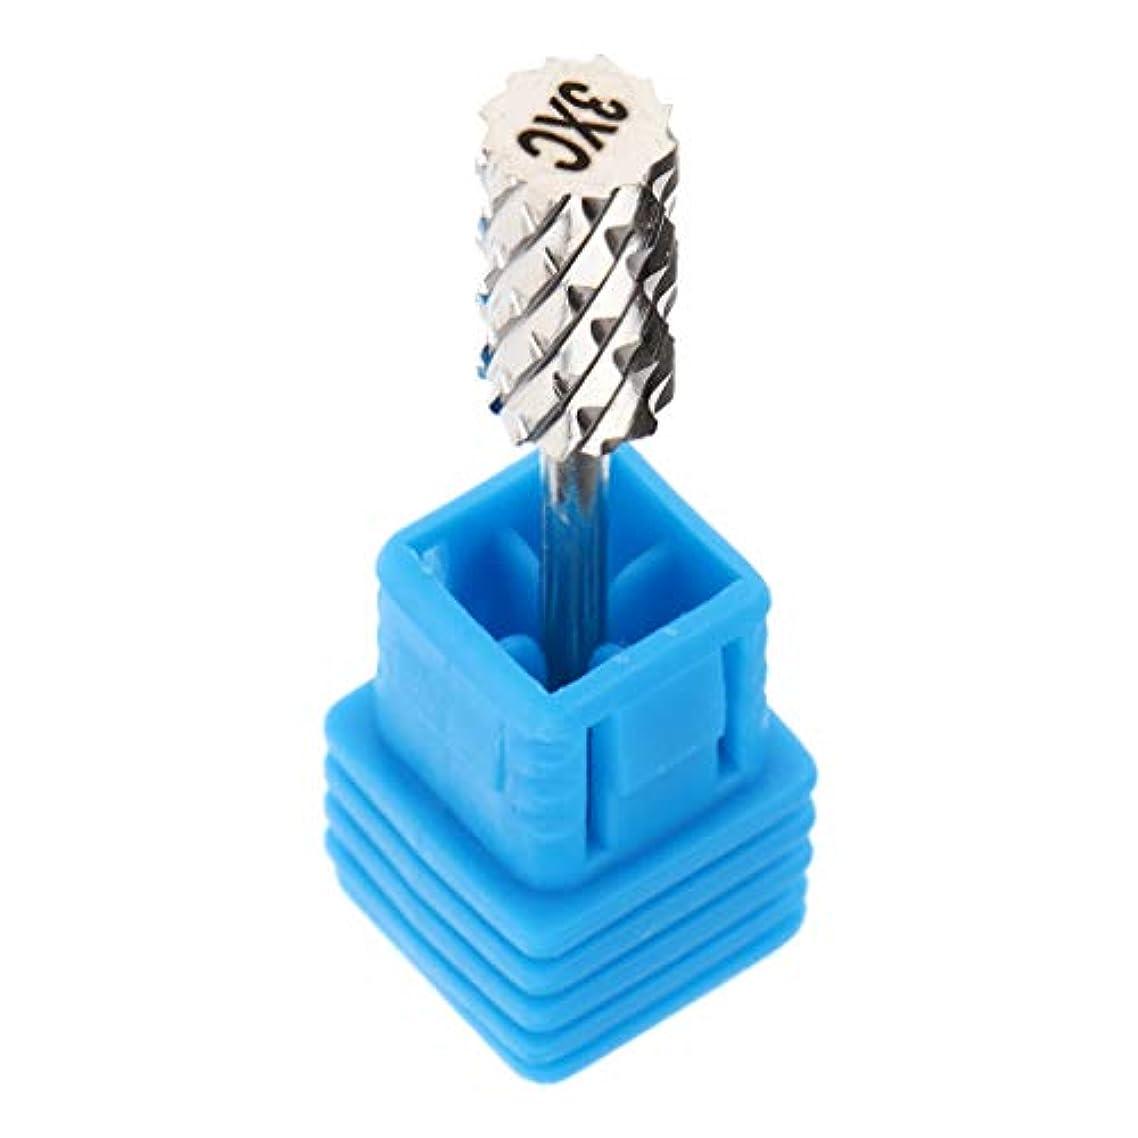 時間厳守日焼け職業電気ネイルマシン ネイルドリルビット 研磨ヘッド ネイルサロン 爪やすり 全6選択 - 06